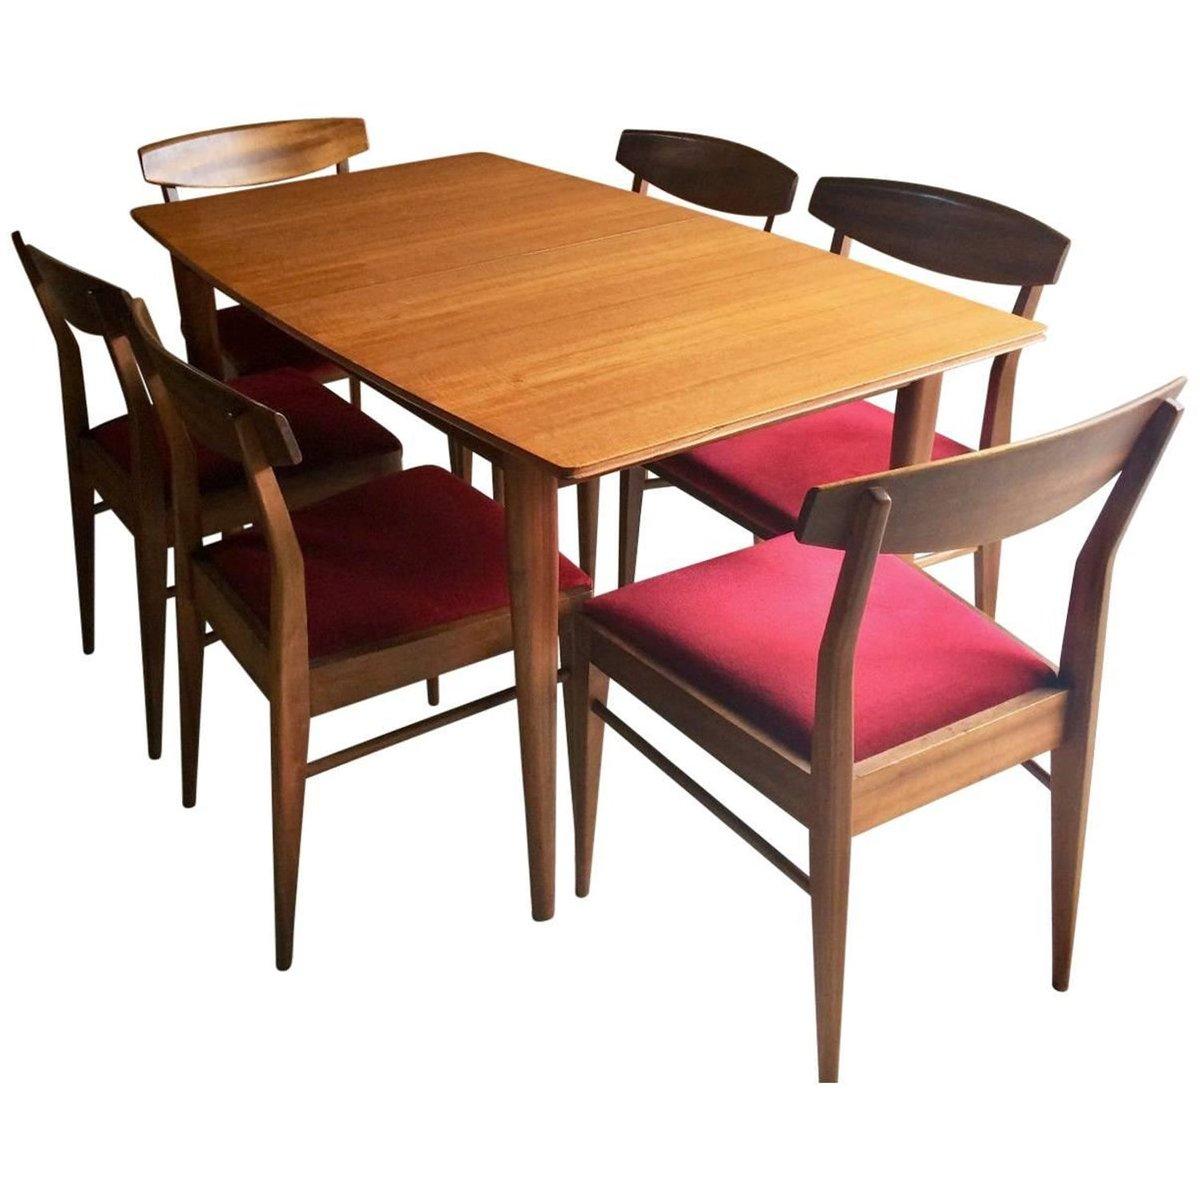 Tavolo da pranzo allungabile e 6 sedie in teak massiccio di McIntosh ...